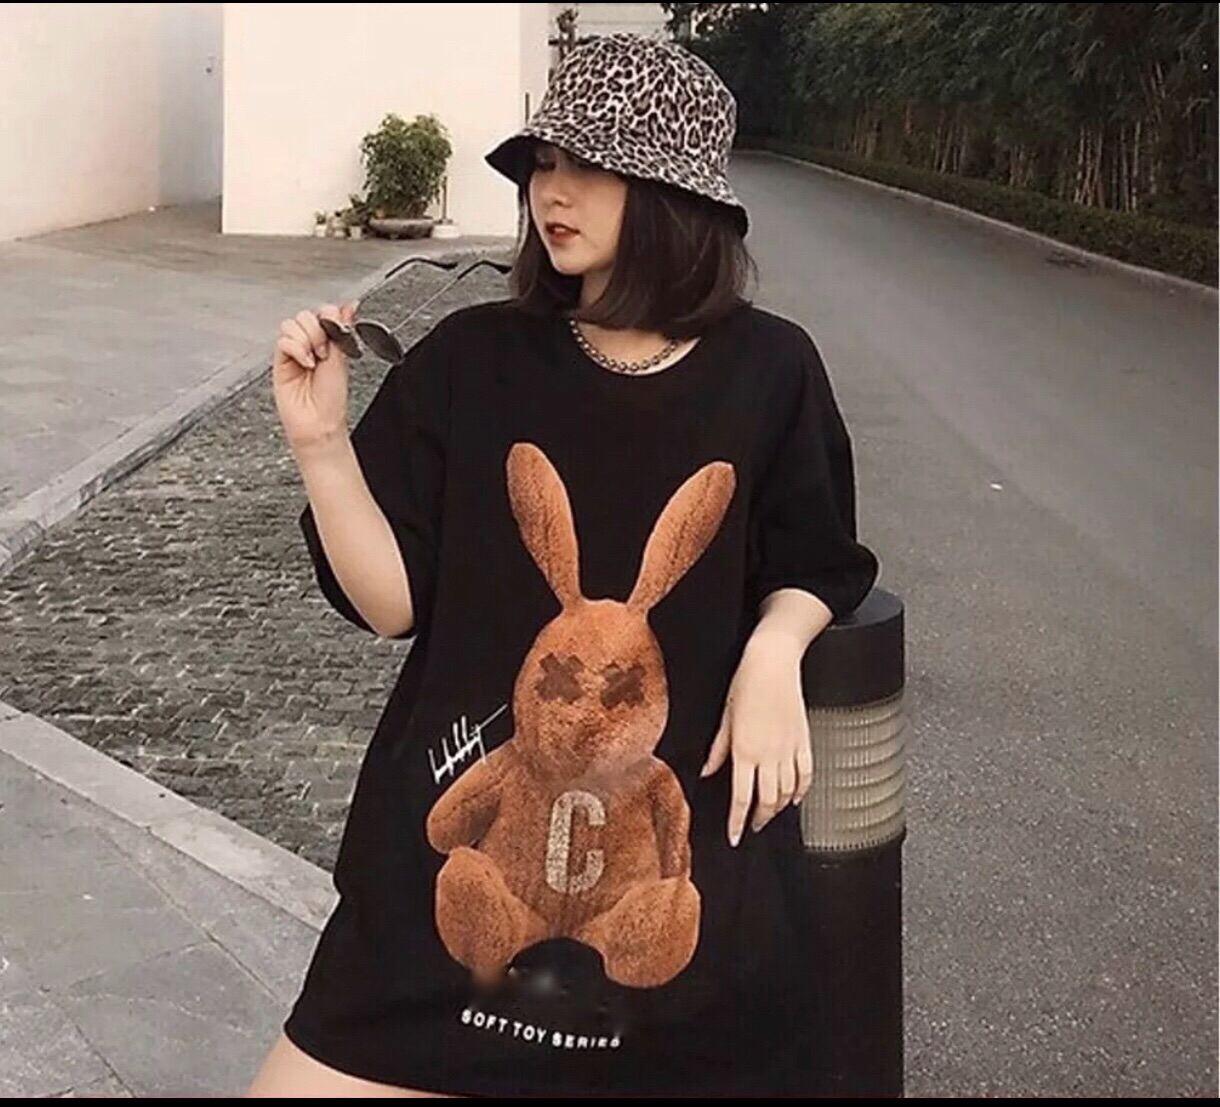 [HCM]Áo Thun Unisex Nam Nữ Form Rộng Tay Lỡ Thời Trang Hàn Quốc THỎ NÂU Men Lì Fashion Độc Đẹp Vải Dày Mịn Thoáng Mát Thiết Kế Thời Trang Kiểu Dáng Năng Động Trẻ Trung [ CÓ HÌNH ẢNH VIDEO THẬT ]